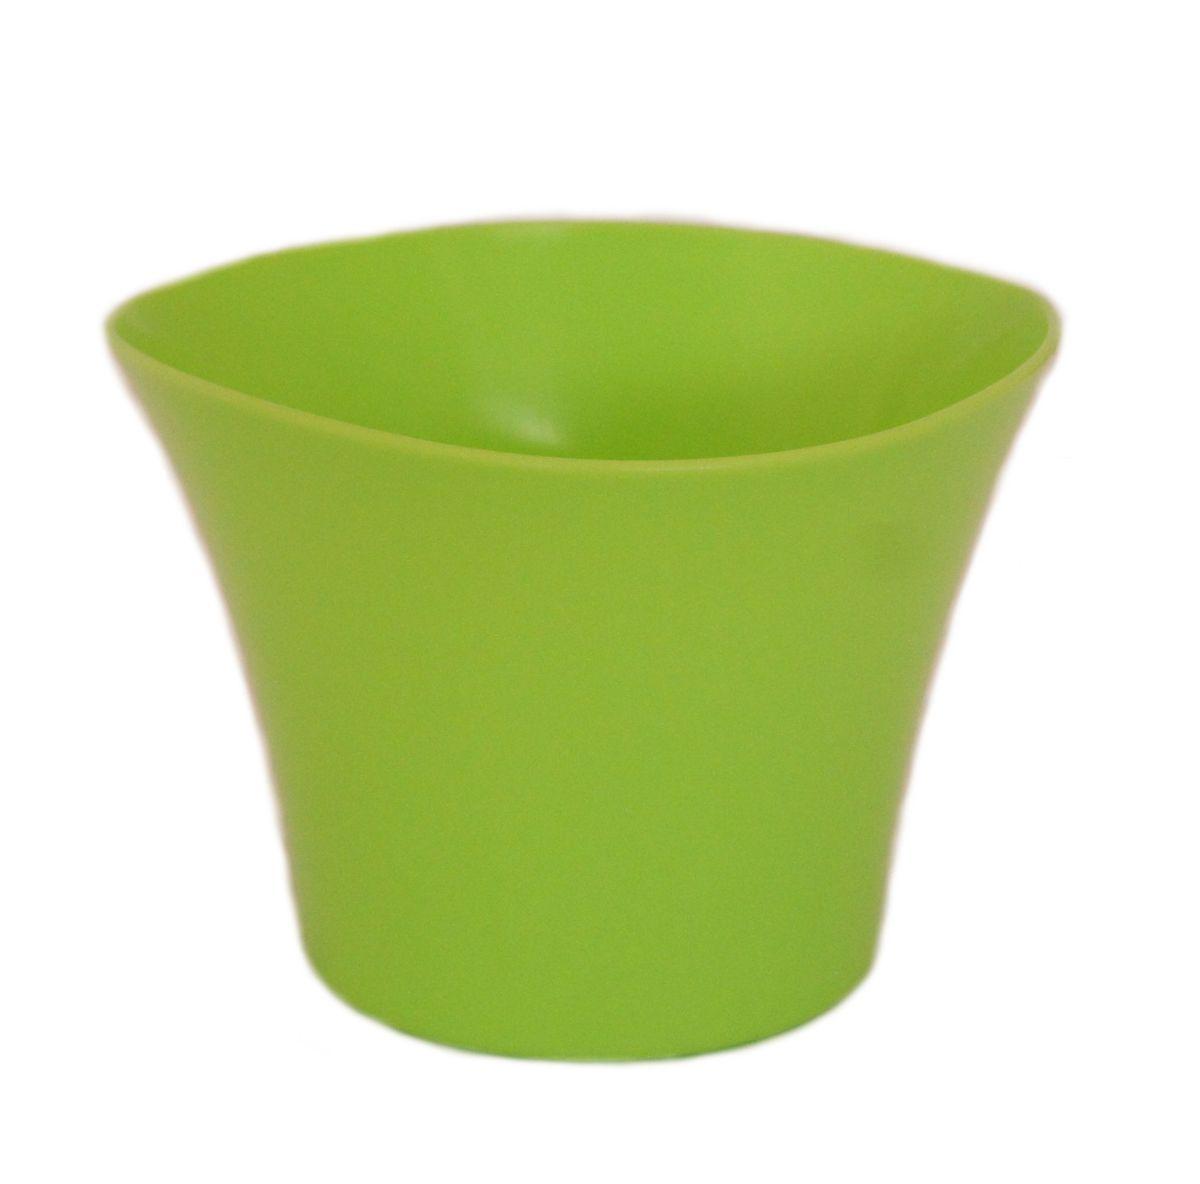 Кашпо JetPlast Волна, цвет: фисташковый, 600 мл531-402Кашпо Волна имеет уникальную форму, сочетающуюся как с классическим, так и с современным дизайном интерьера. Оно изготовлено из прочного полипропилена (пластика) и предназначено для выращивания растений, цветов и трав в домашних условиях. Такое кашпо порадует вас функциональностью, а благодаря лаконичному дизайну впишется в любой интерьер помещения. Объем кашпо: 600 мл.